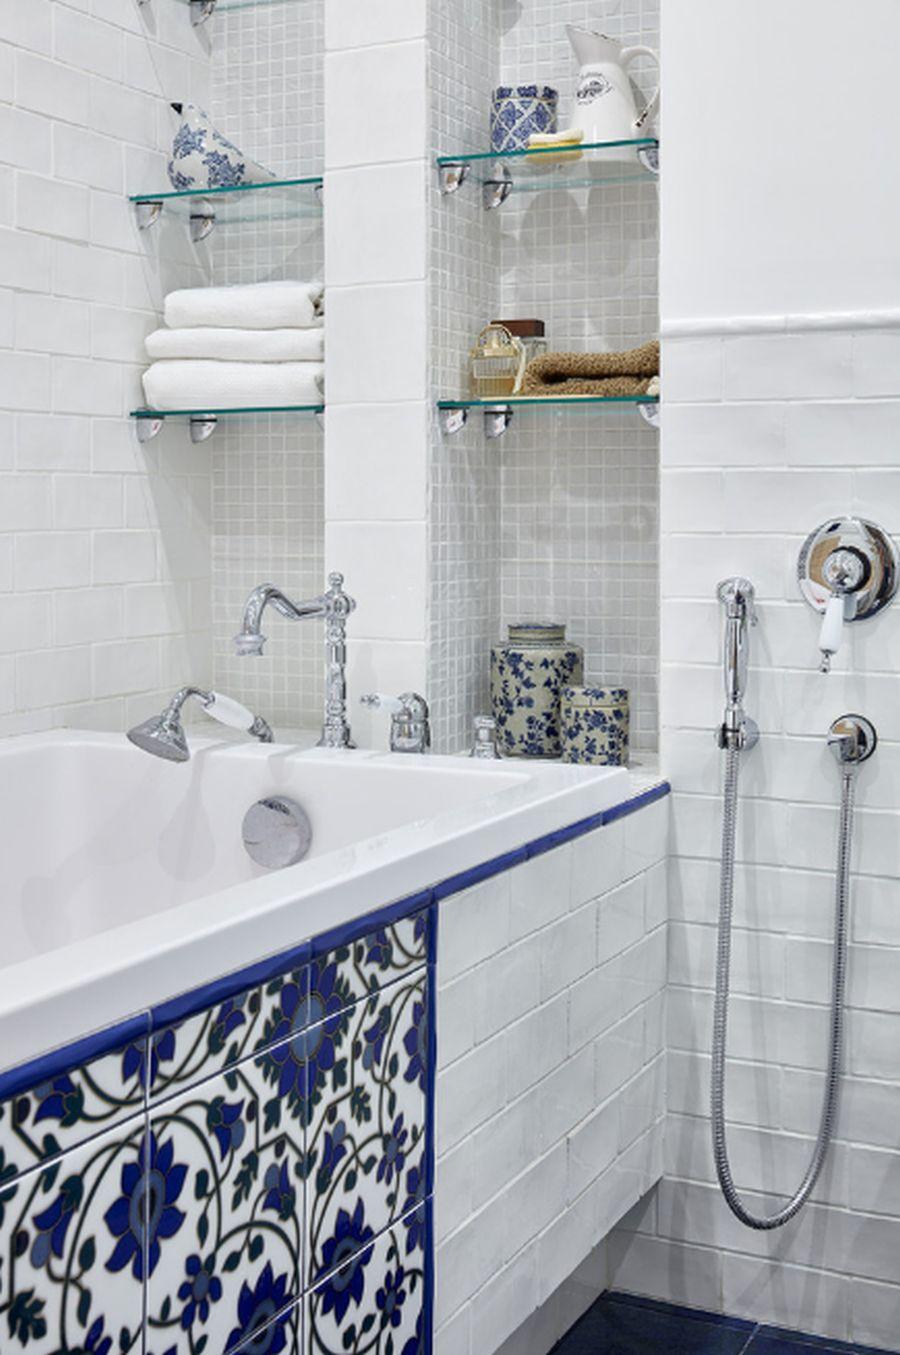 adelaparvu.com despre apartament de 93 mp,Moscova, Design Valery Belousov, Valery Design, Foto Sergey Ananiev (23)